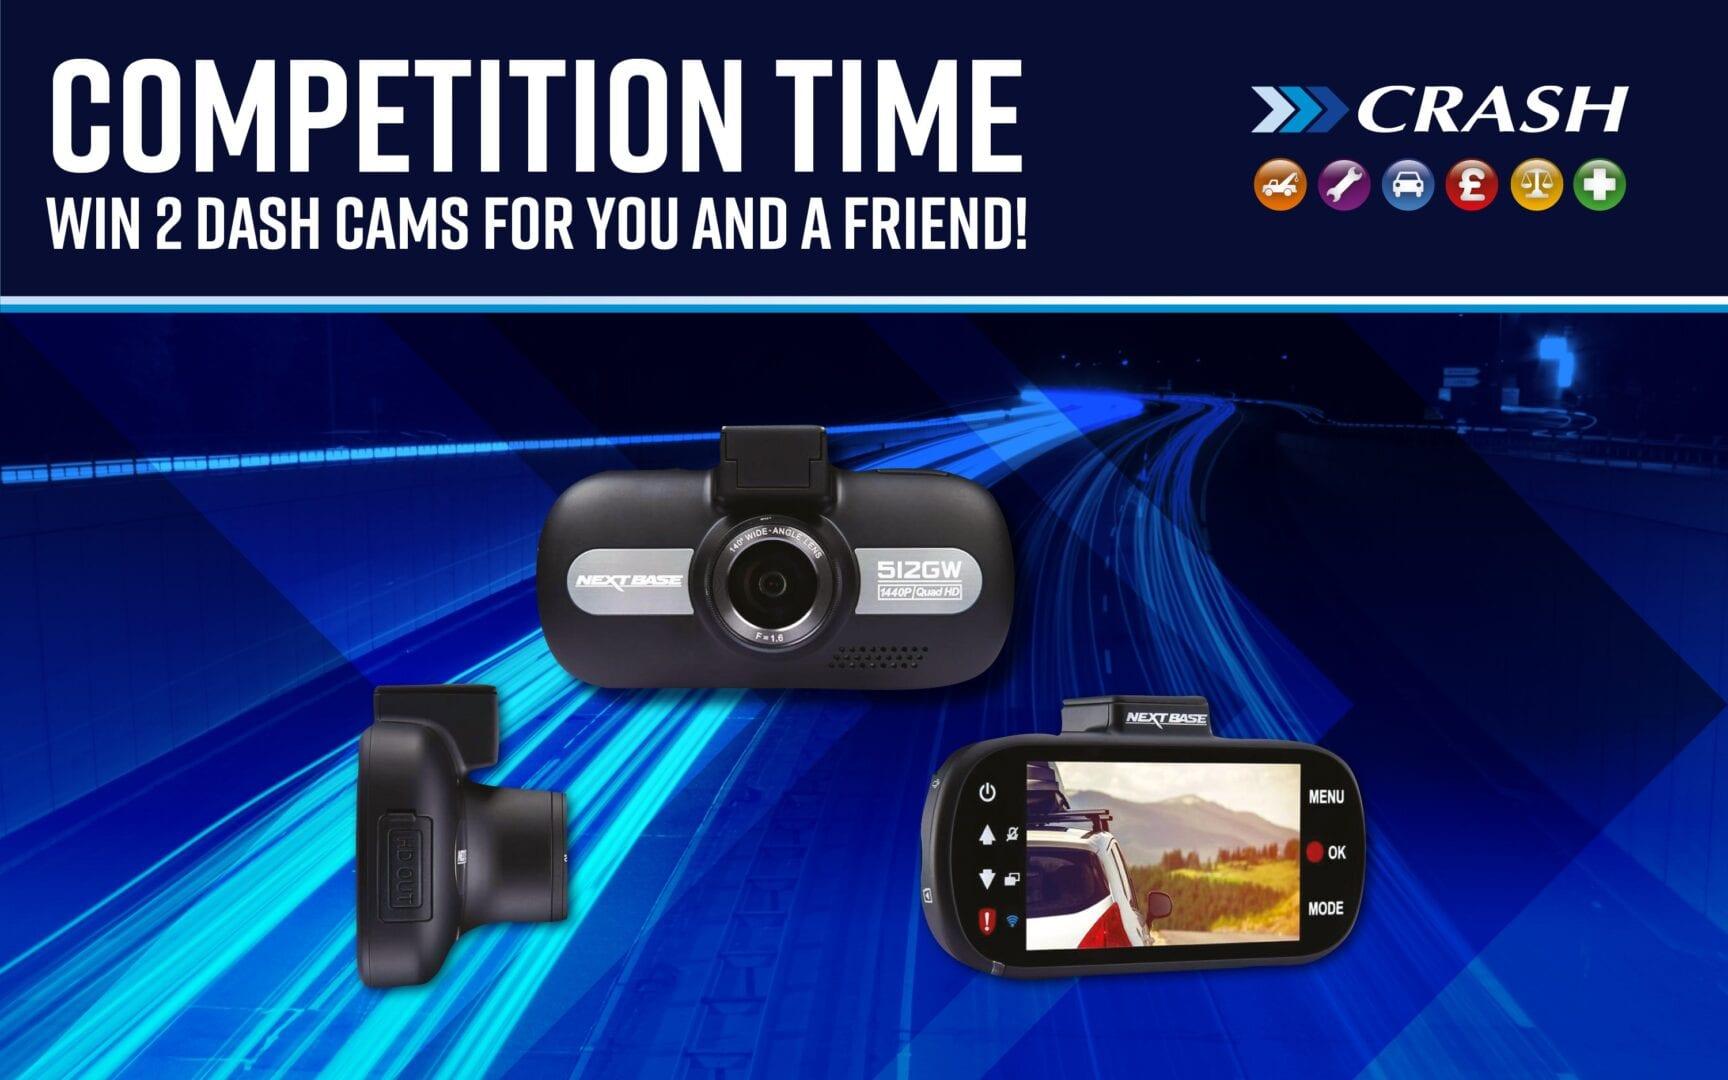 dash cam crash services competition